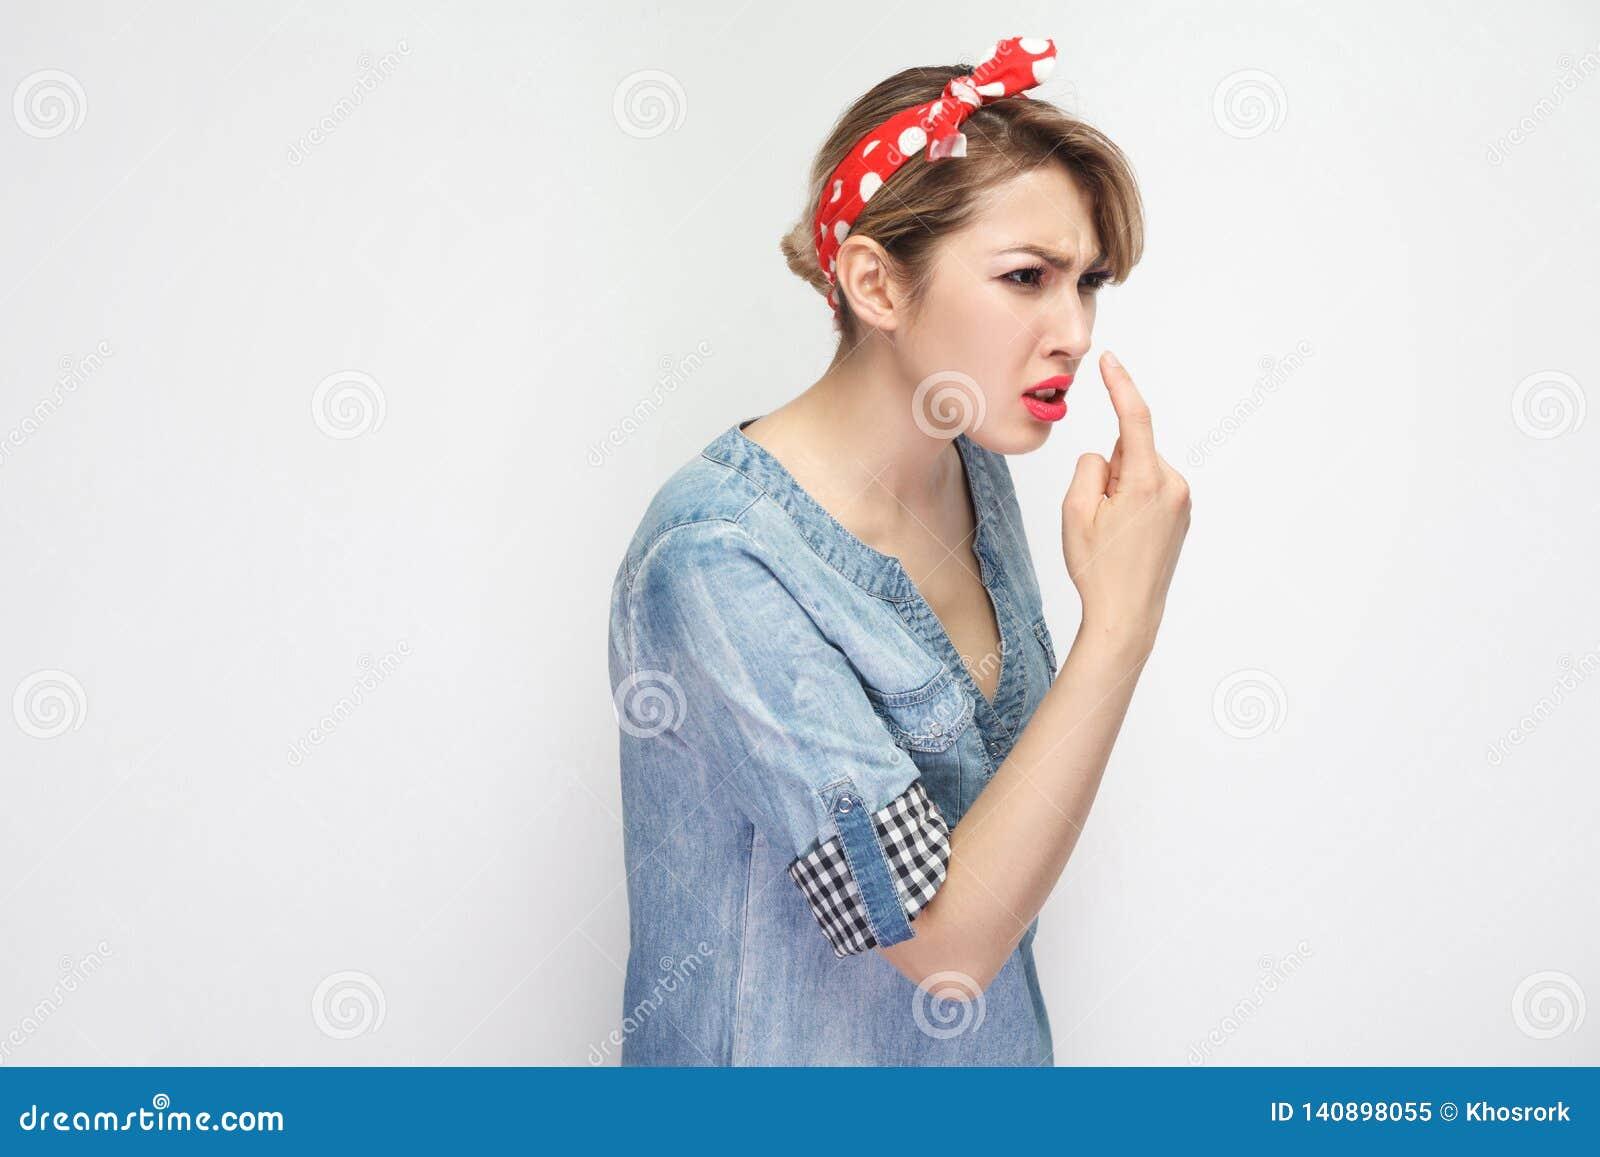 Вы лжец Портрет сердитой красивой молодой женщины в случайной голубой рубашке джинсовой ткани с макияжем и красным положением дер